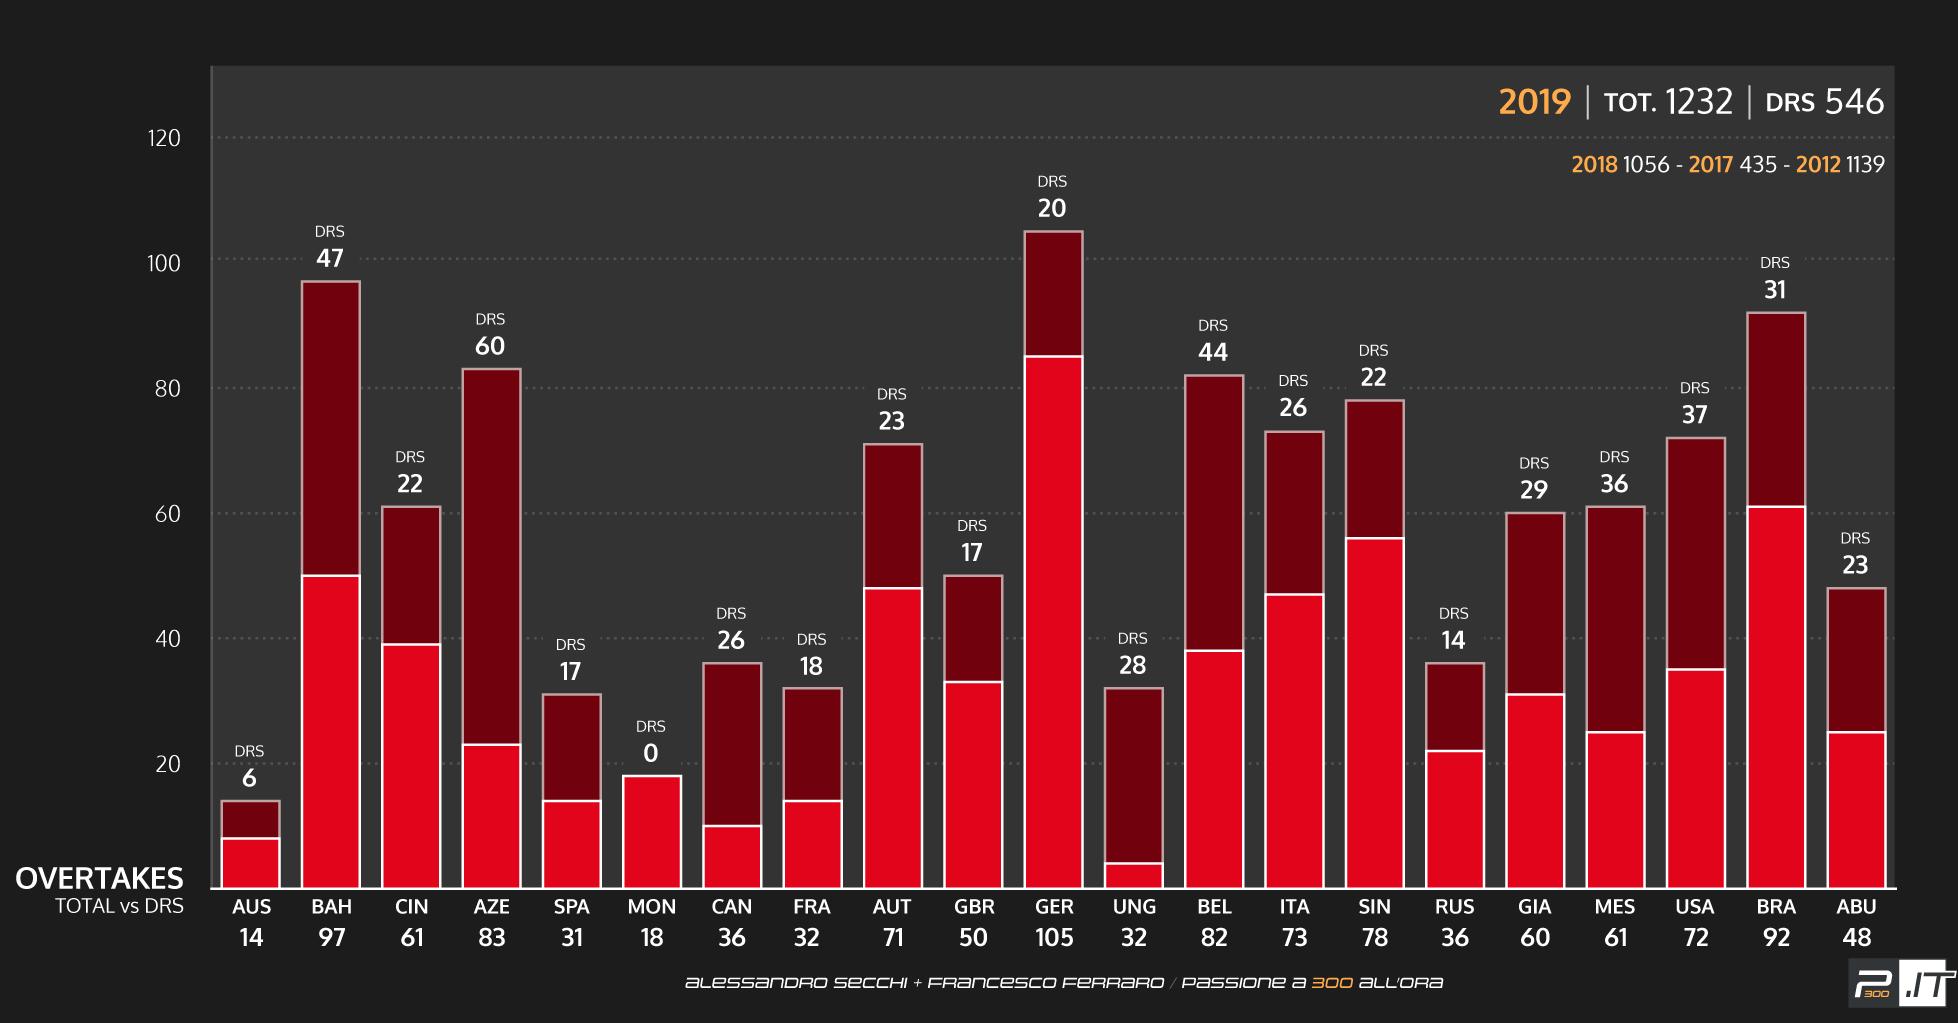 F1   Analisi dei sorpassi (con e senza DRS) del 2019 1